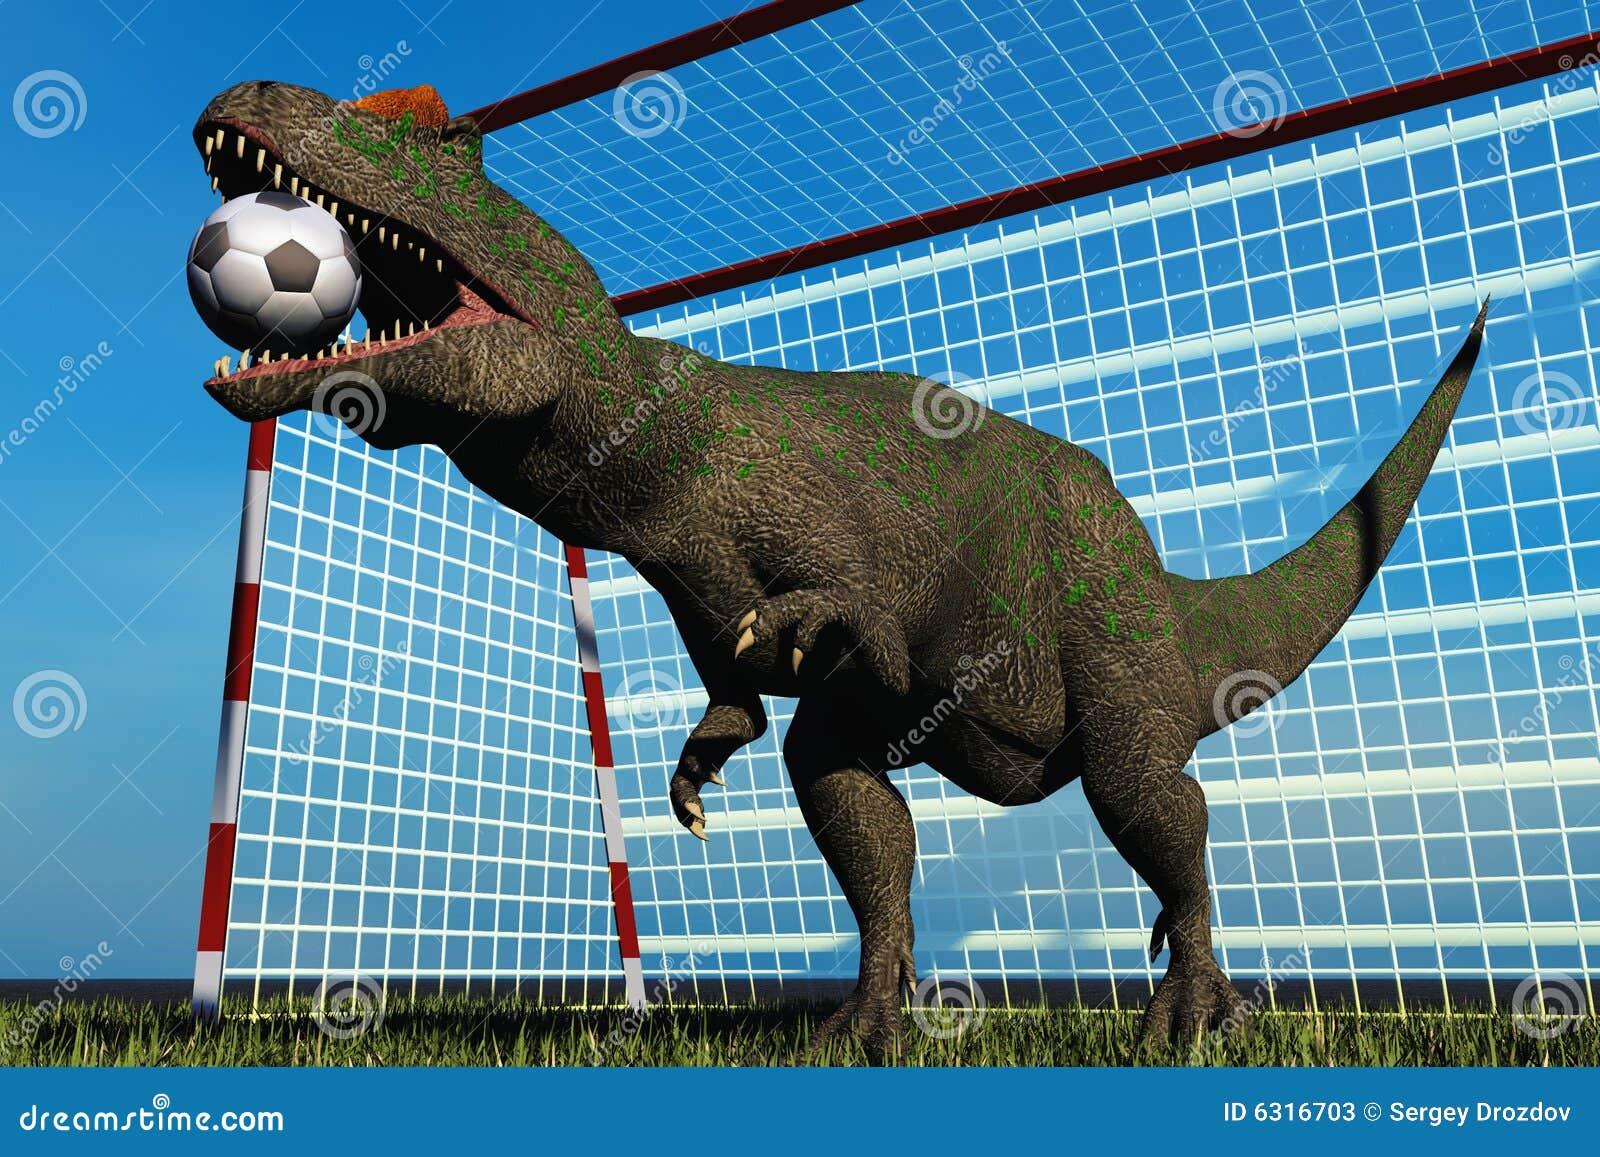 Football dinosaur stock illustration. Illustration of soccer - 6316703